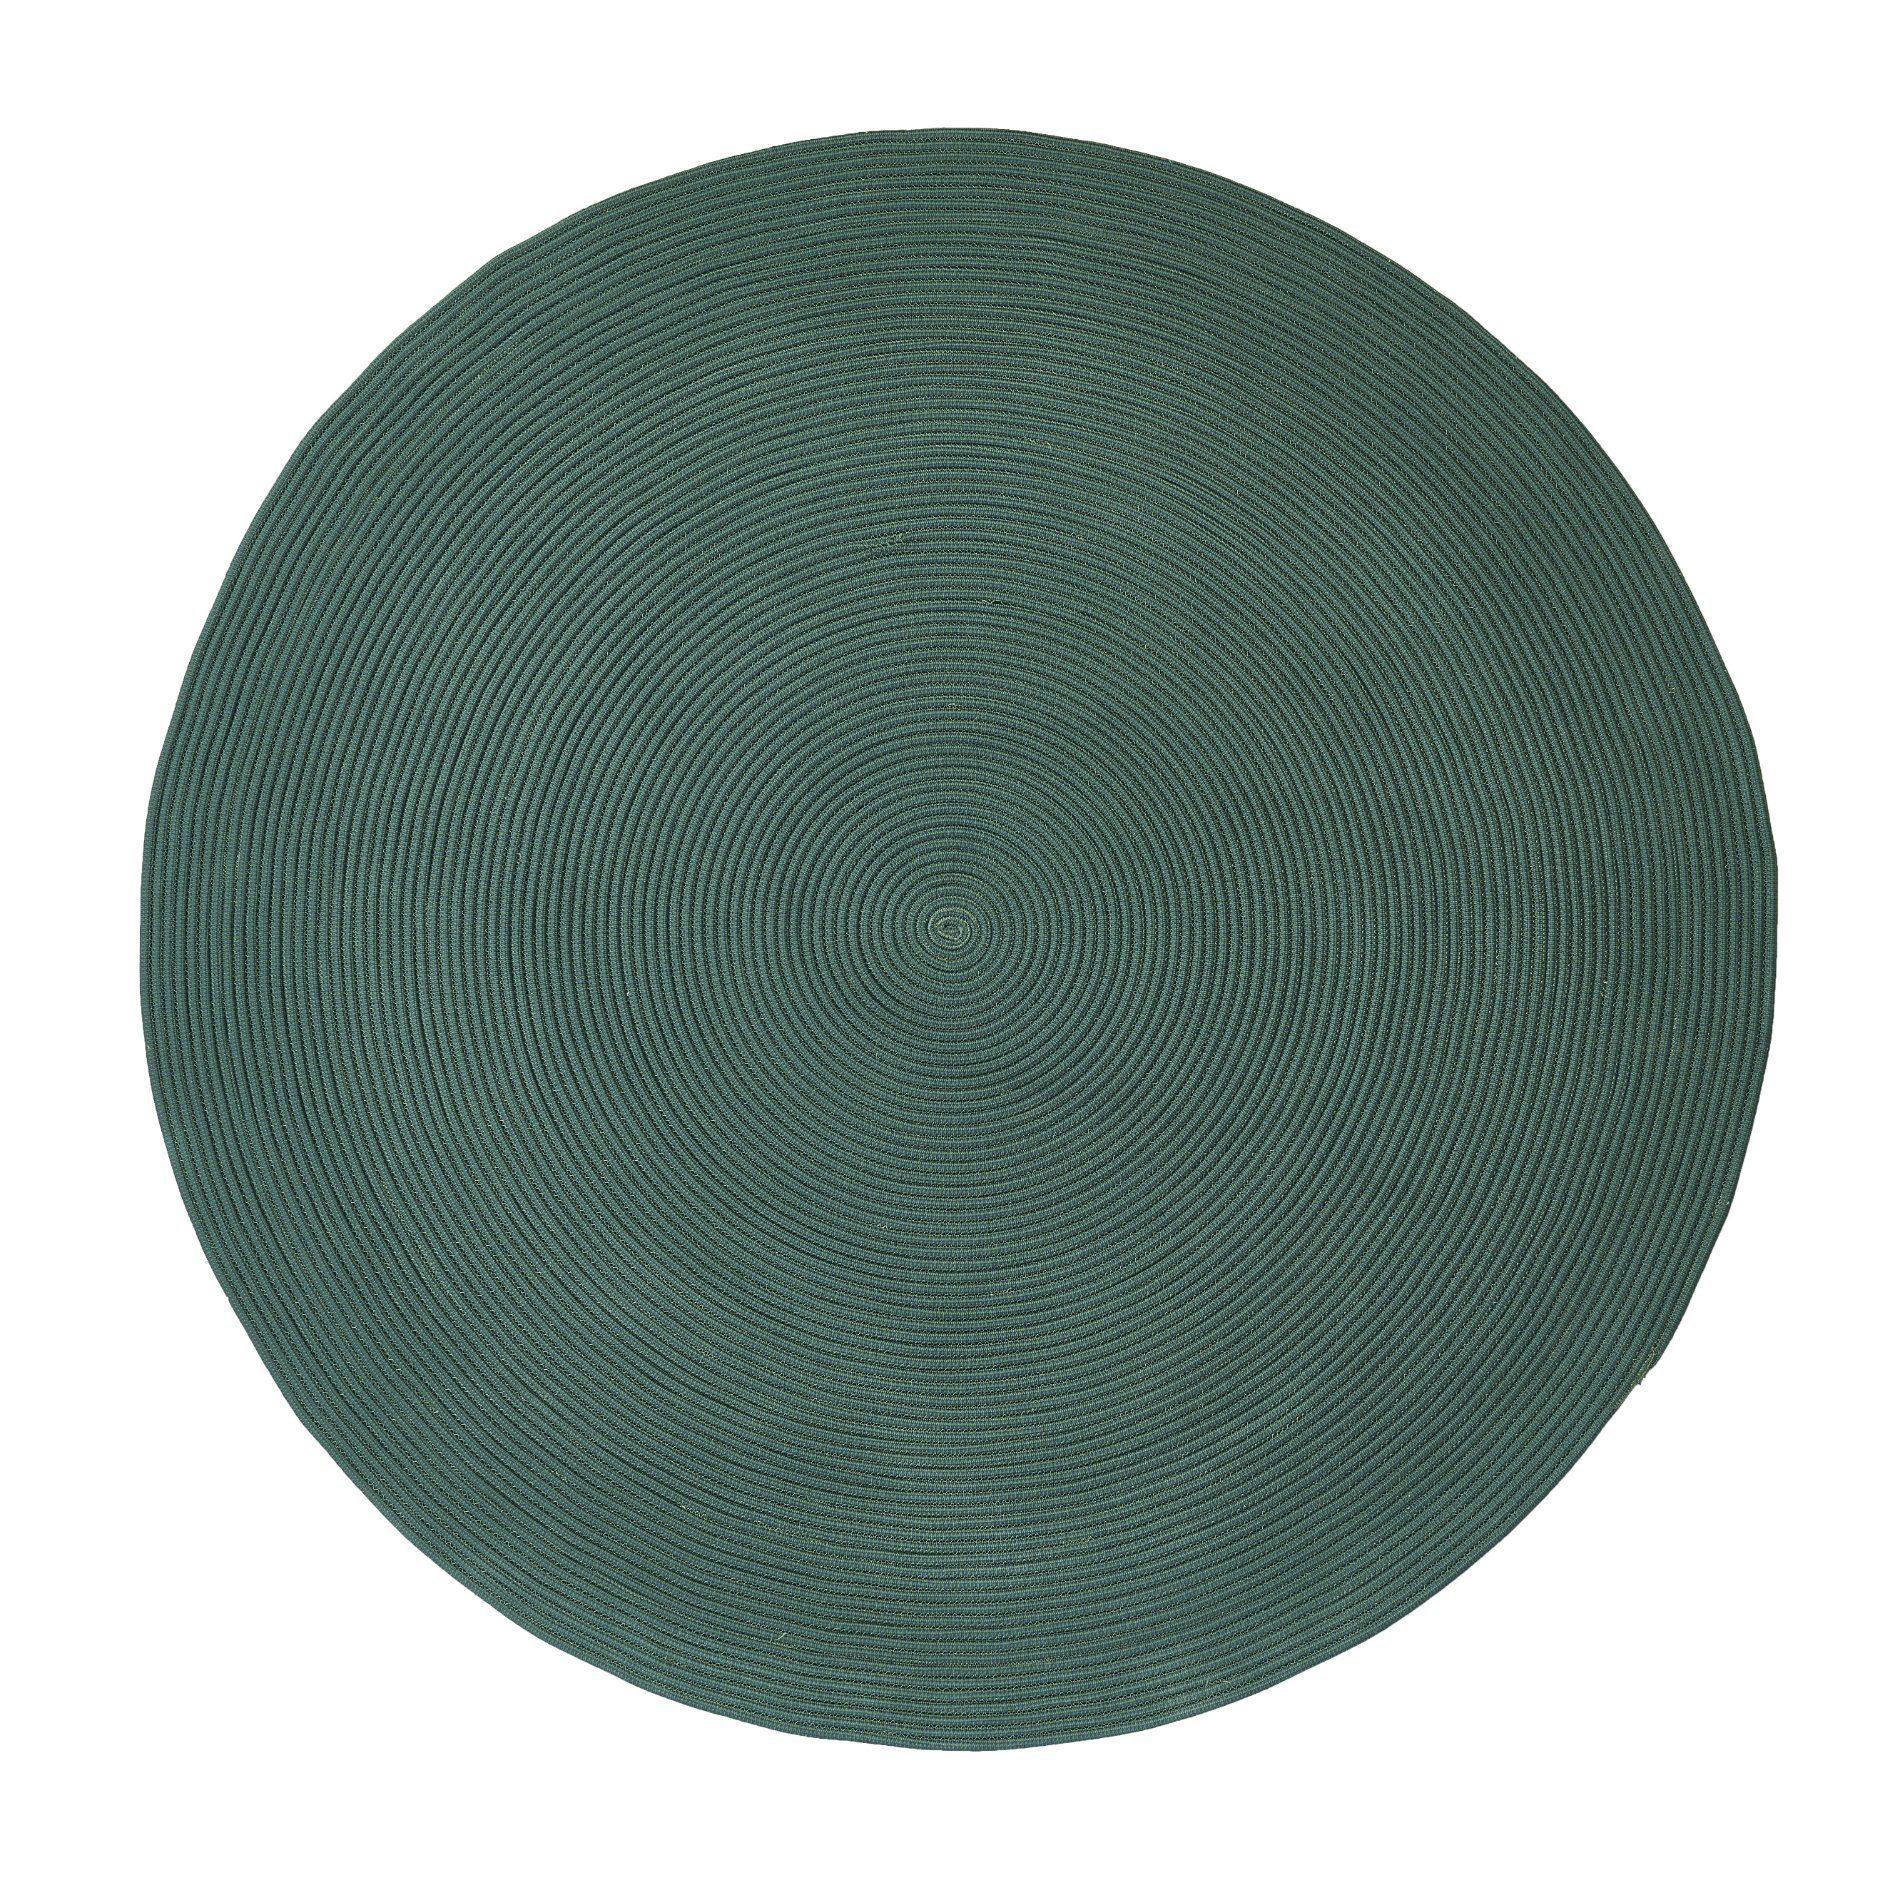 teppiche rund teppich rund hellgrau with teppiche rund elegant teppich braun rund einzigartig. Black Bedroom Furniture Sets. Home Design Ideas